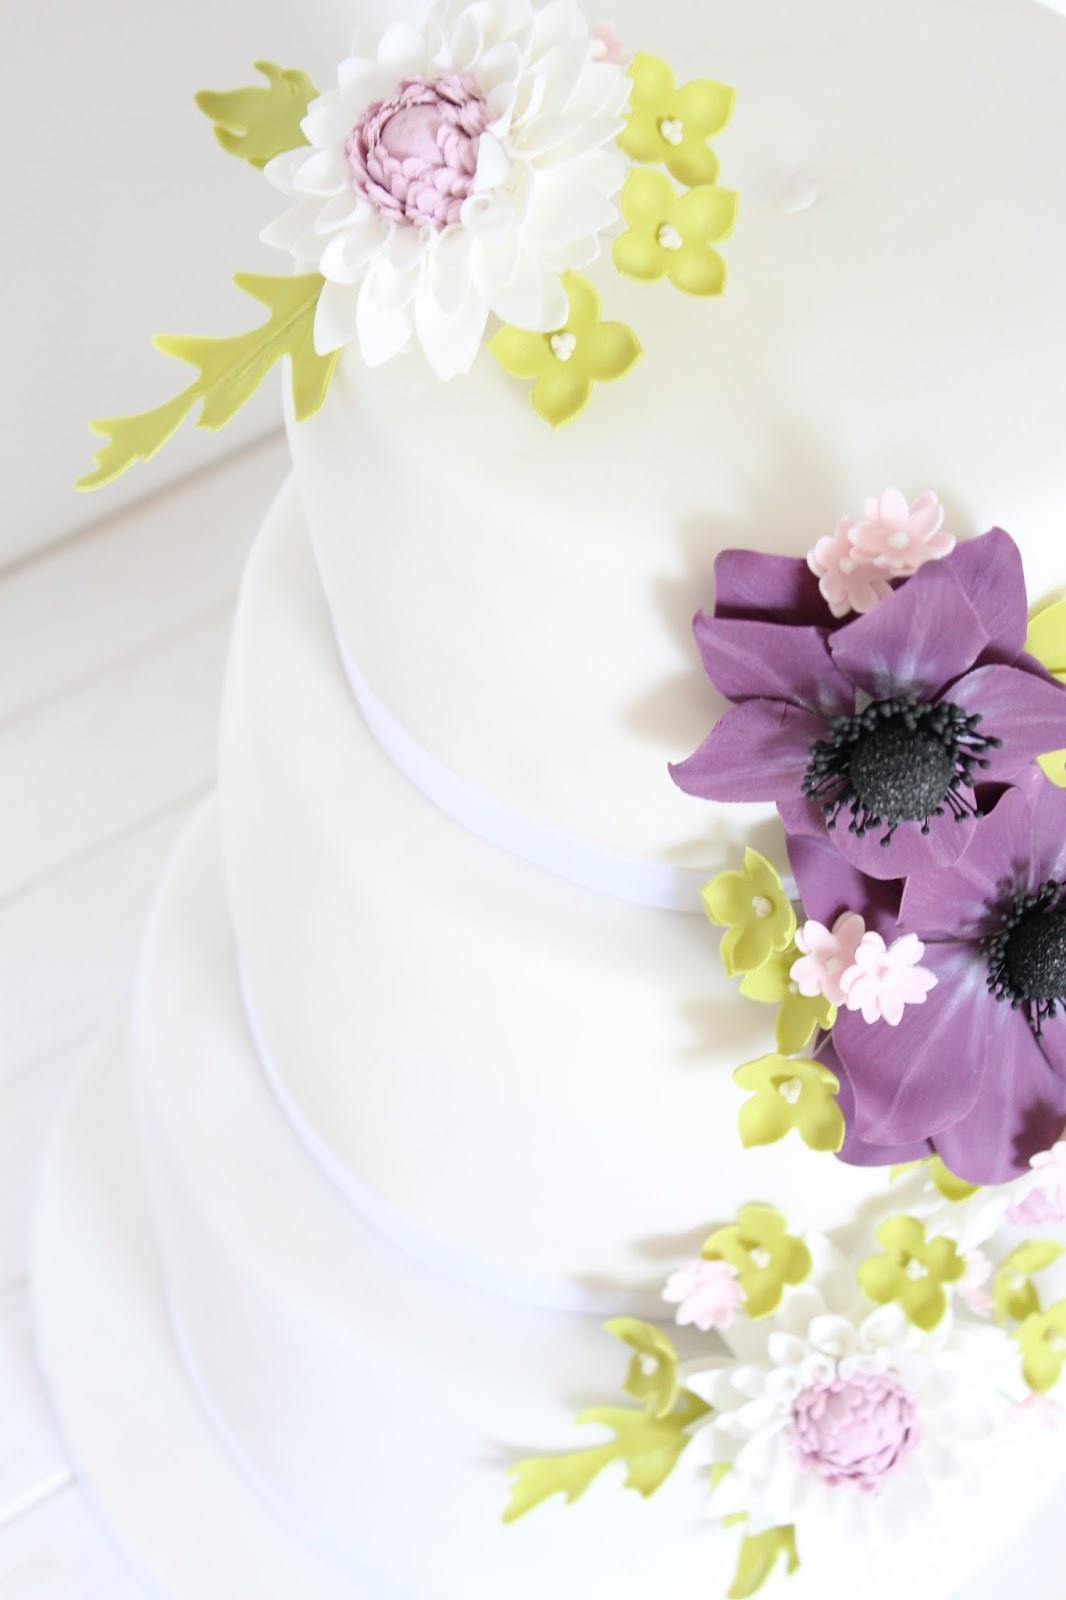 Feines Handwerk Lila Rosa Grune Zuckerblumen Hochzeitstorte Fur